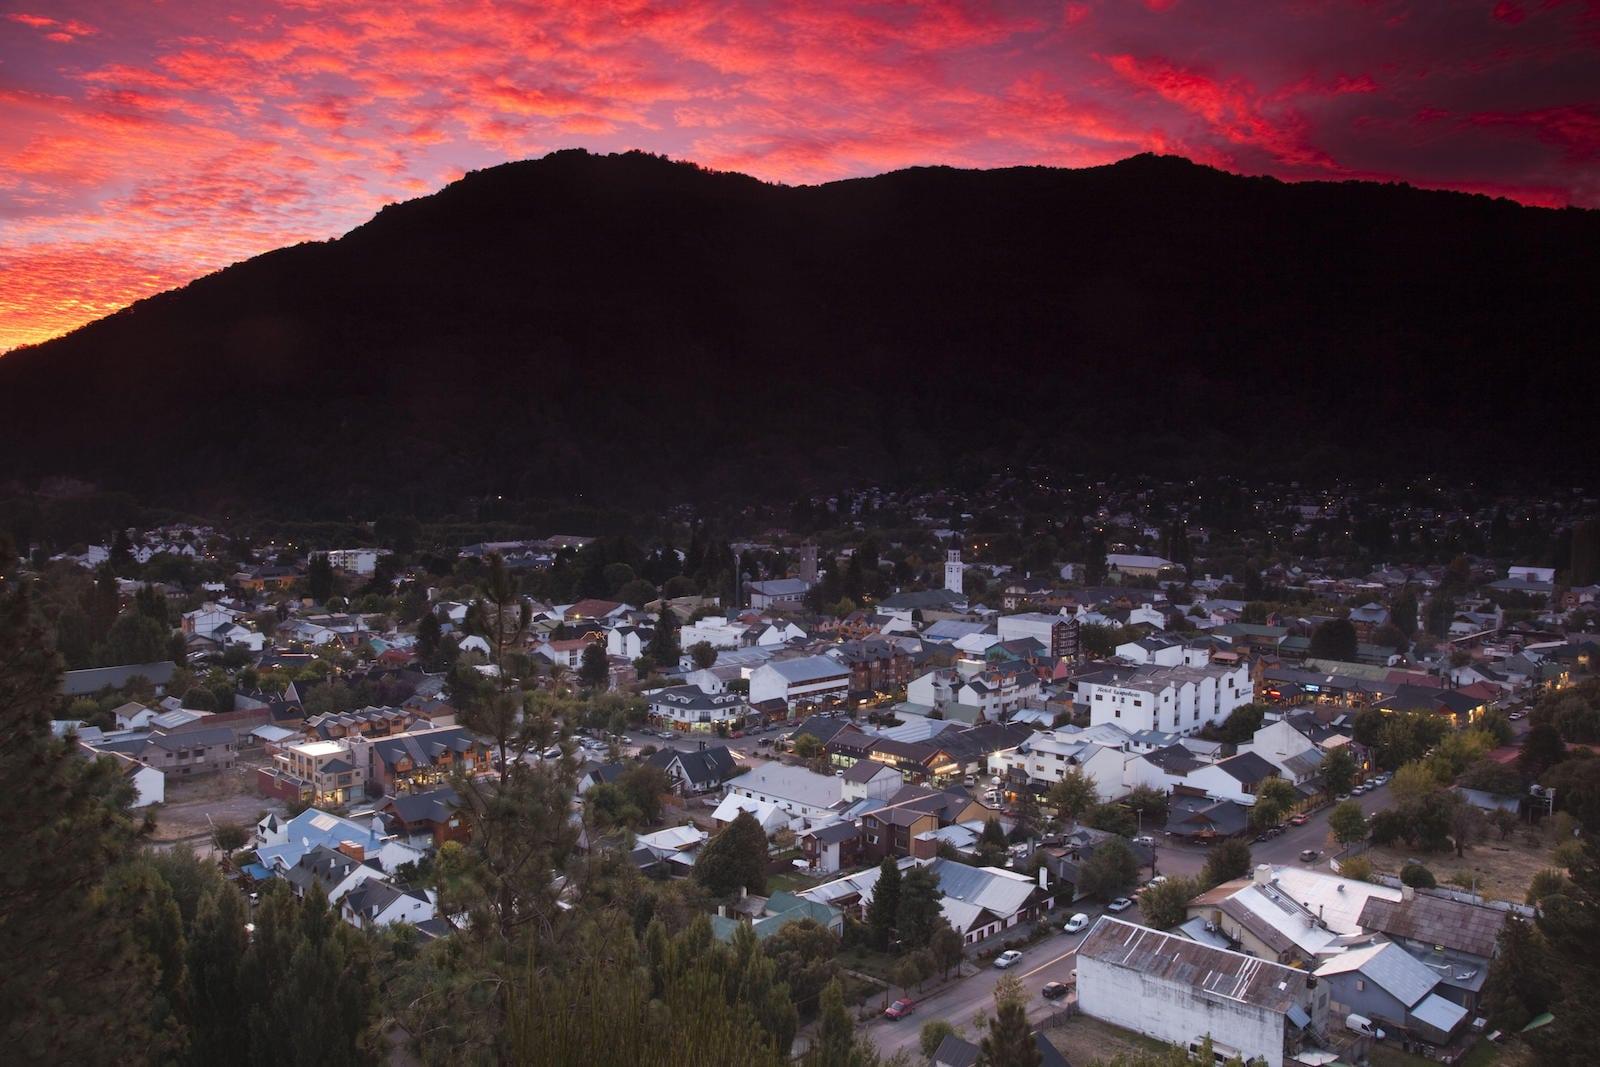 San Martin De Los Andes, Argentina. 215 kms